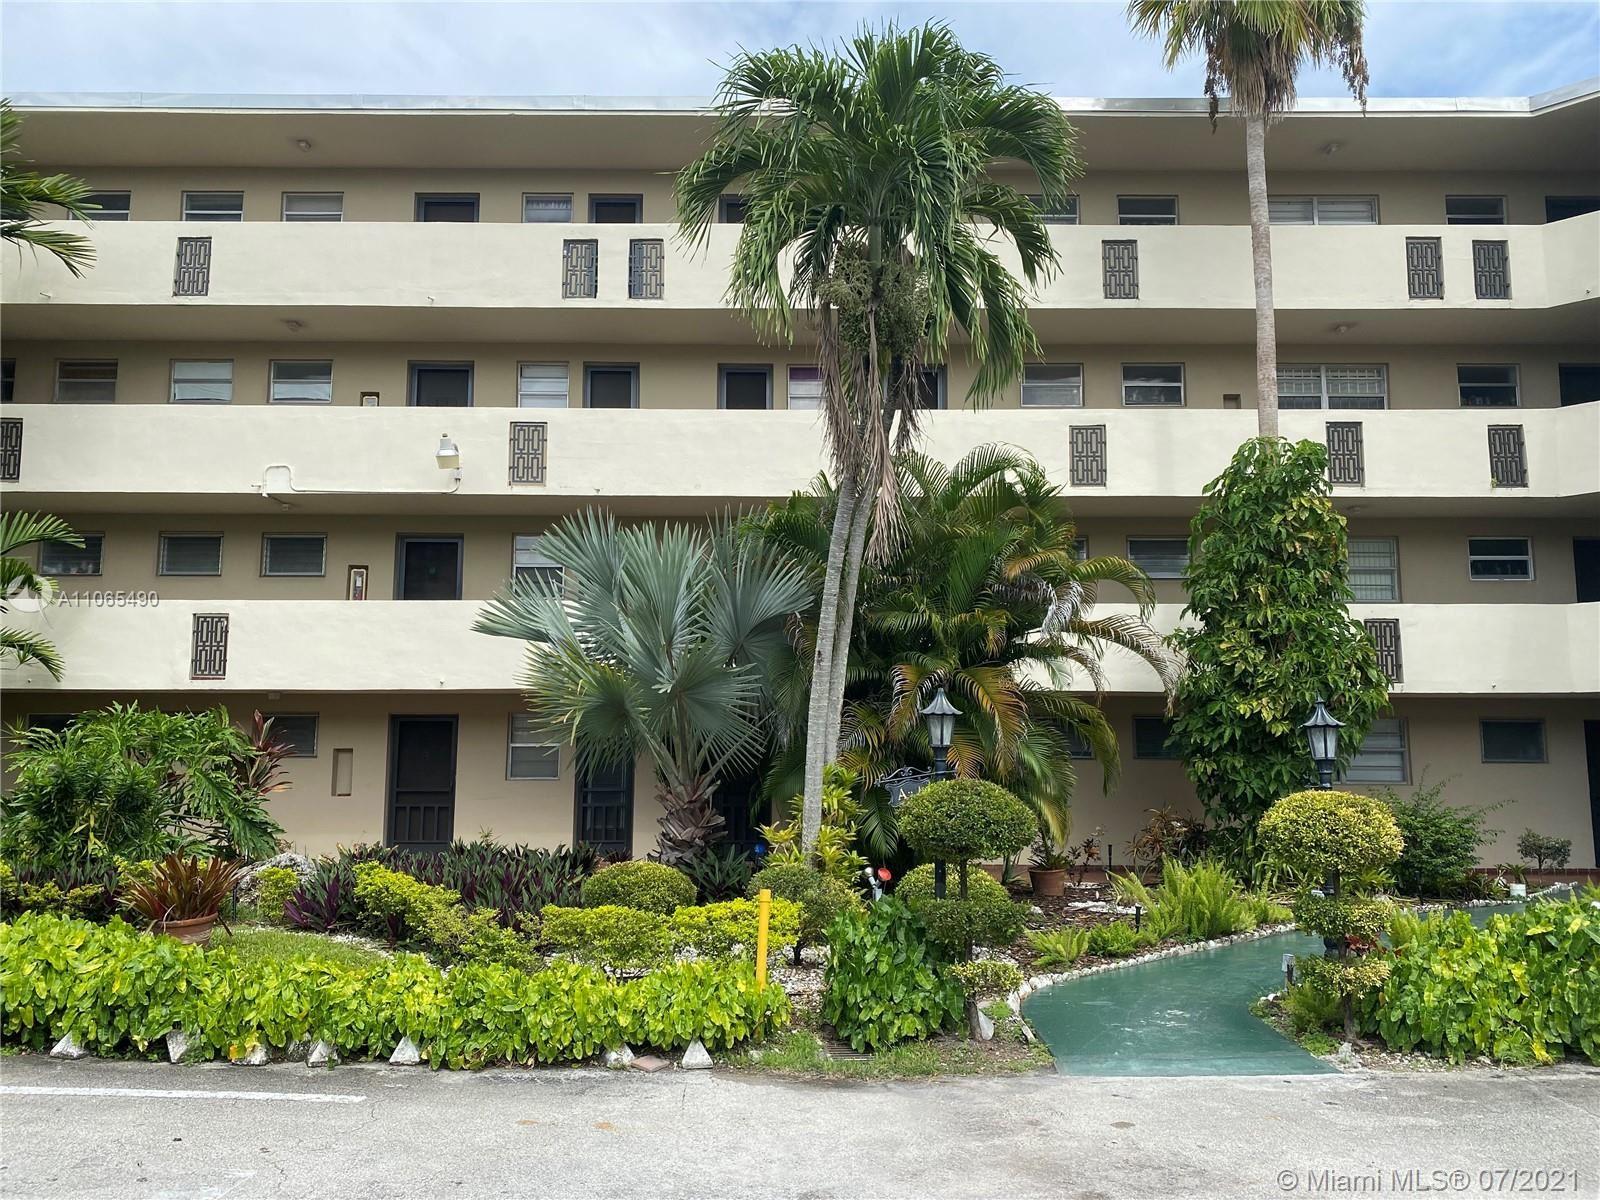 1660 NE 191st St #310-1, Miami, FL 33179 - #: A11065490